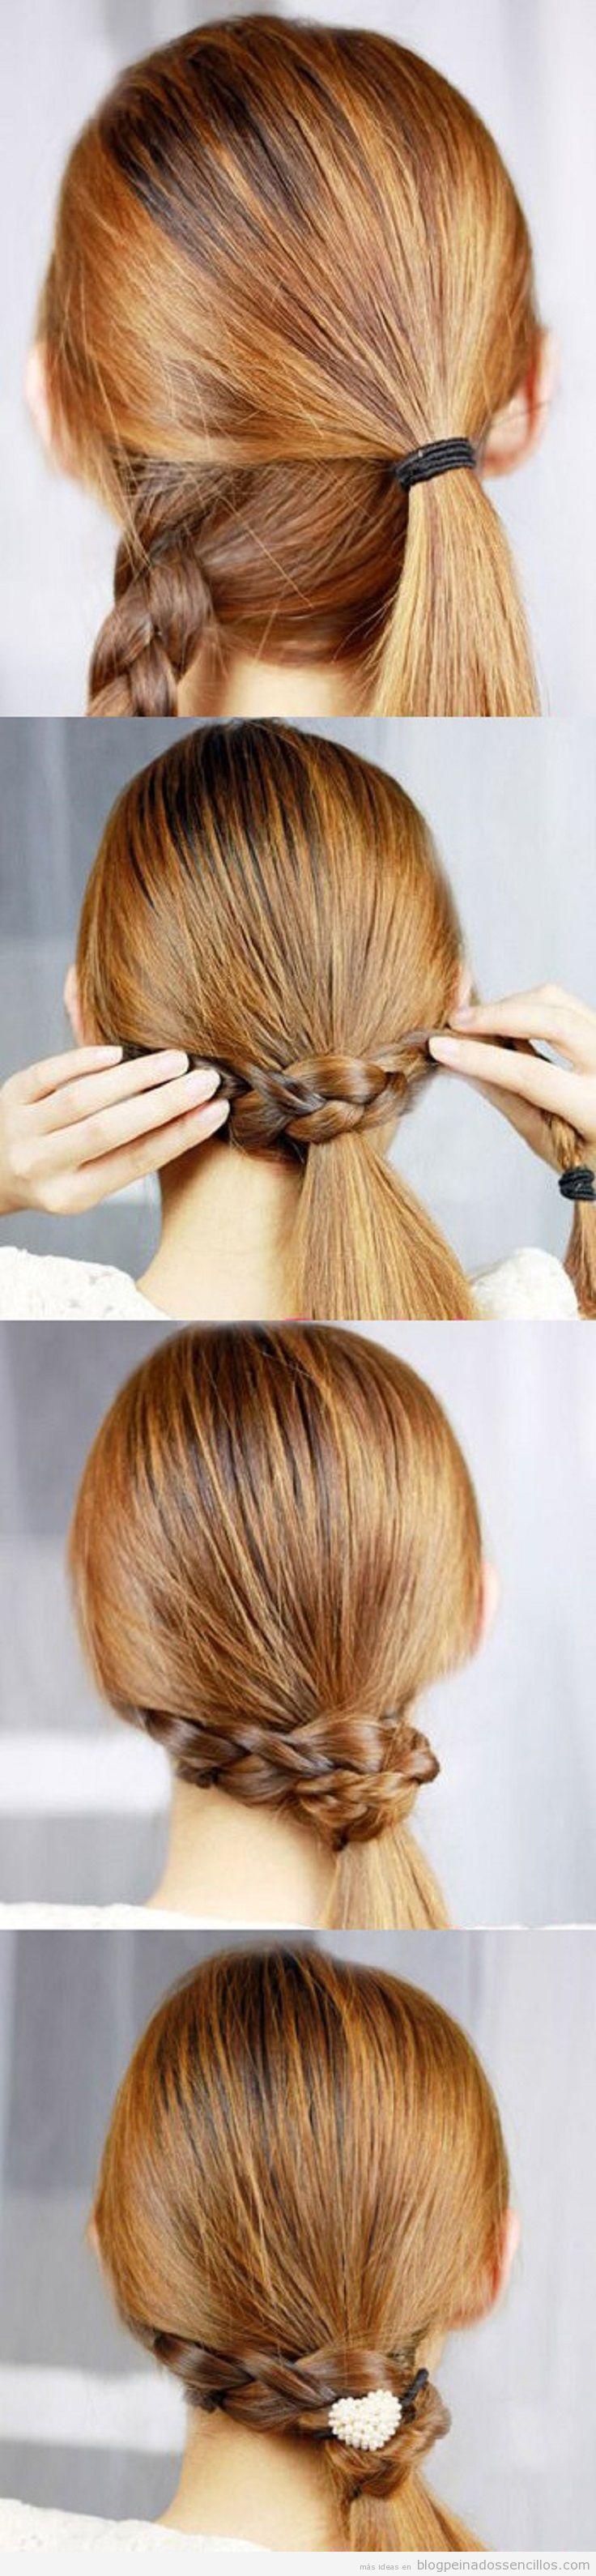 Tutorial paso a paso, peinado sencillo con coleta y trenza alrededor